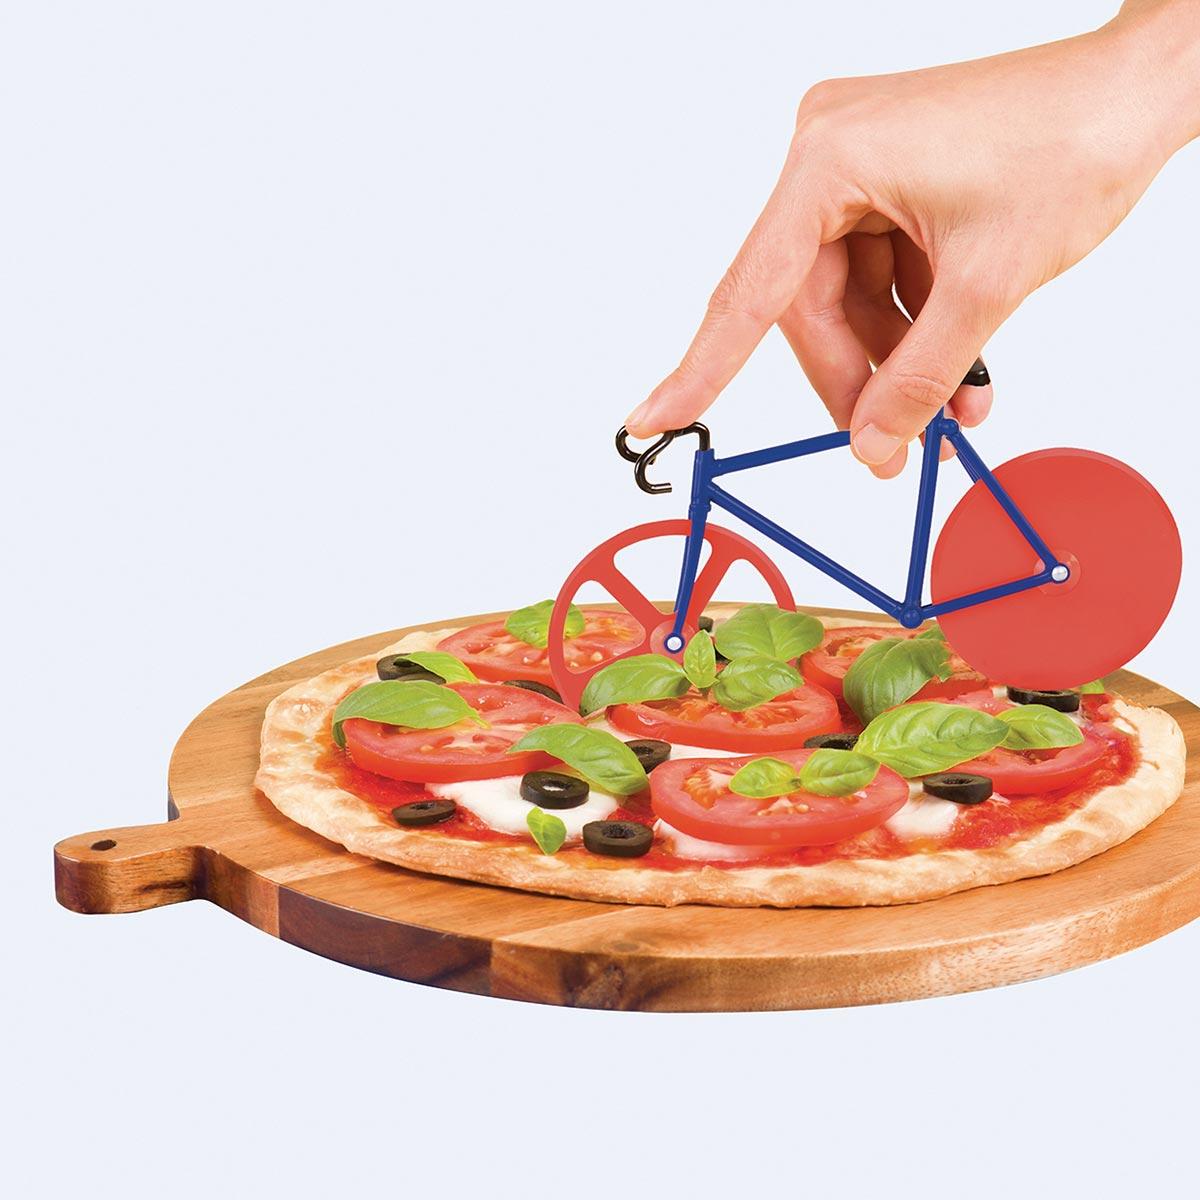 Cortando una pizza con The Fixie